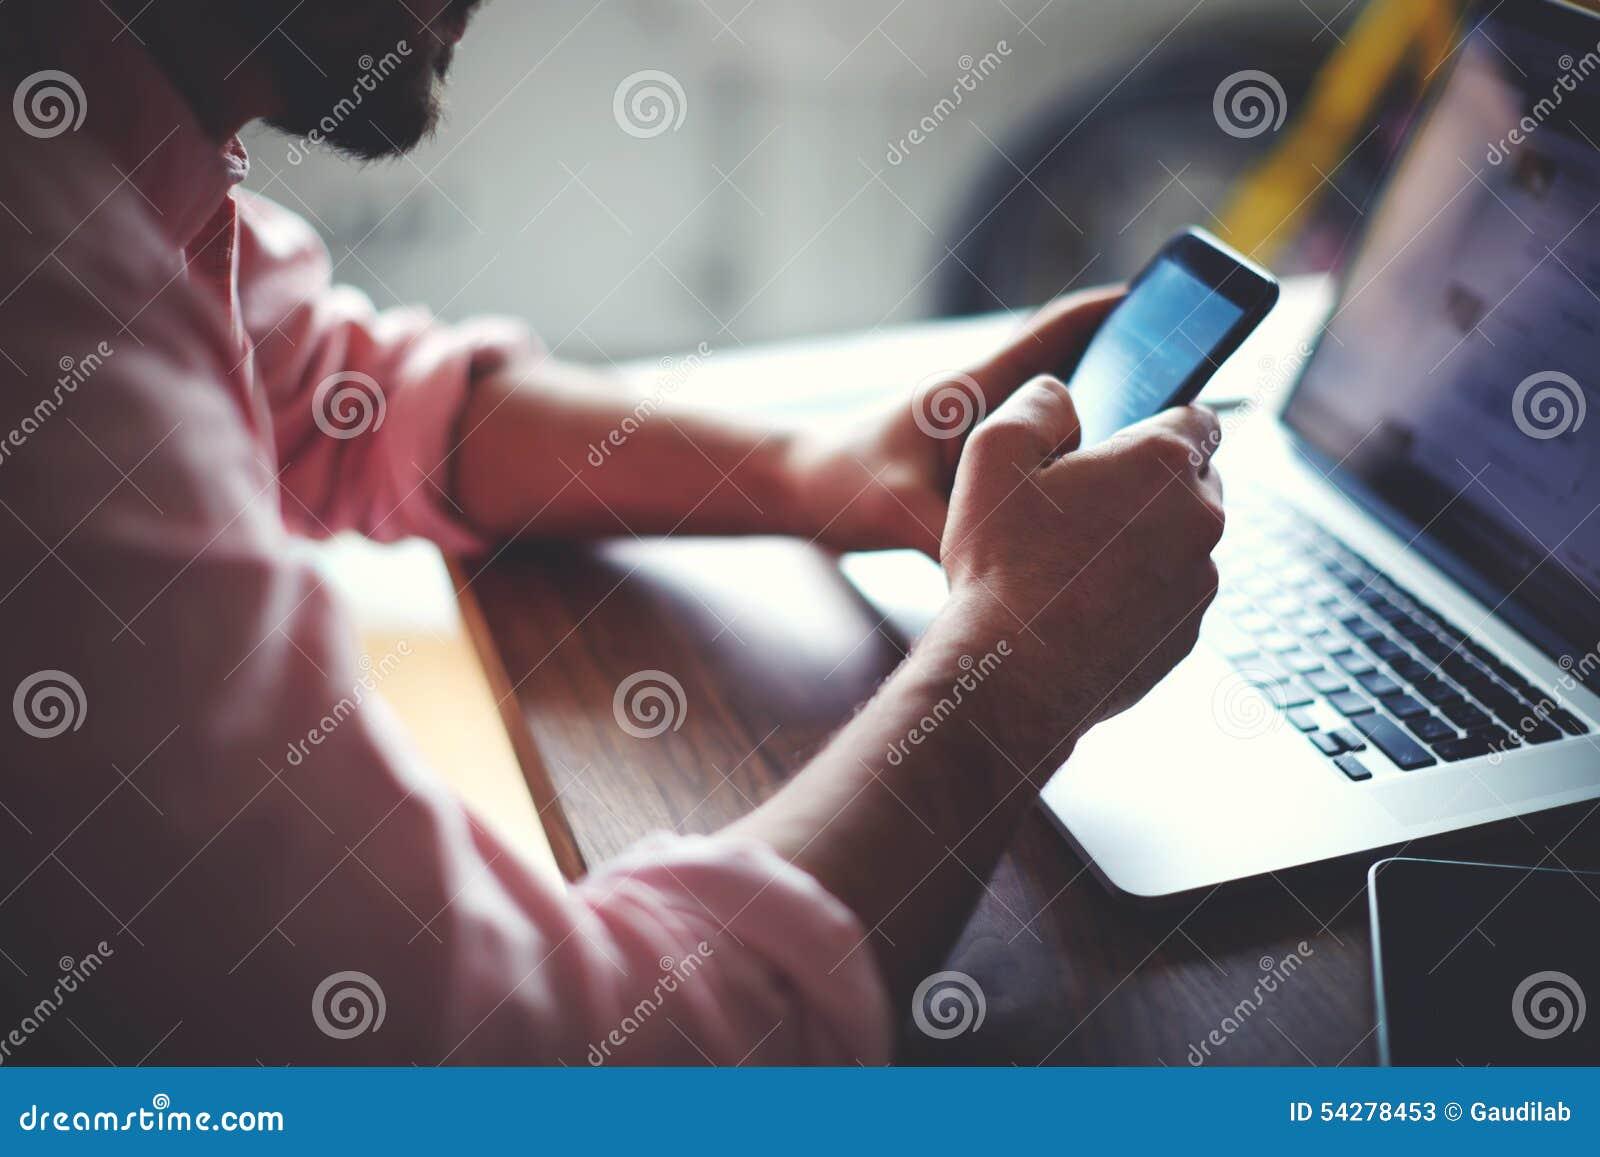 La vista posterior del hombre de negocios da ocupado usando el teléfono celular en el escritorio de oficina